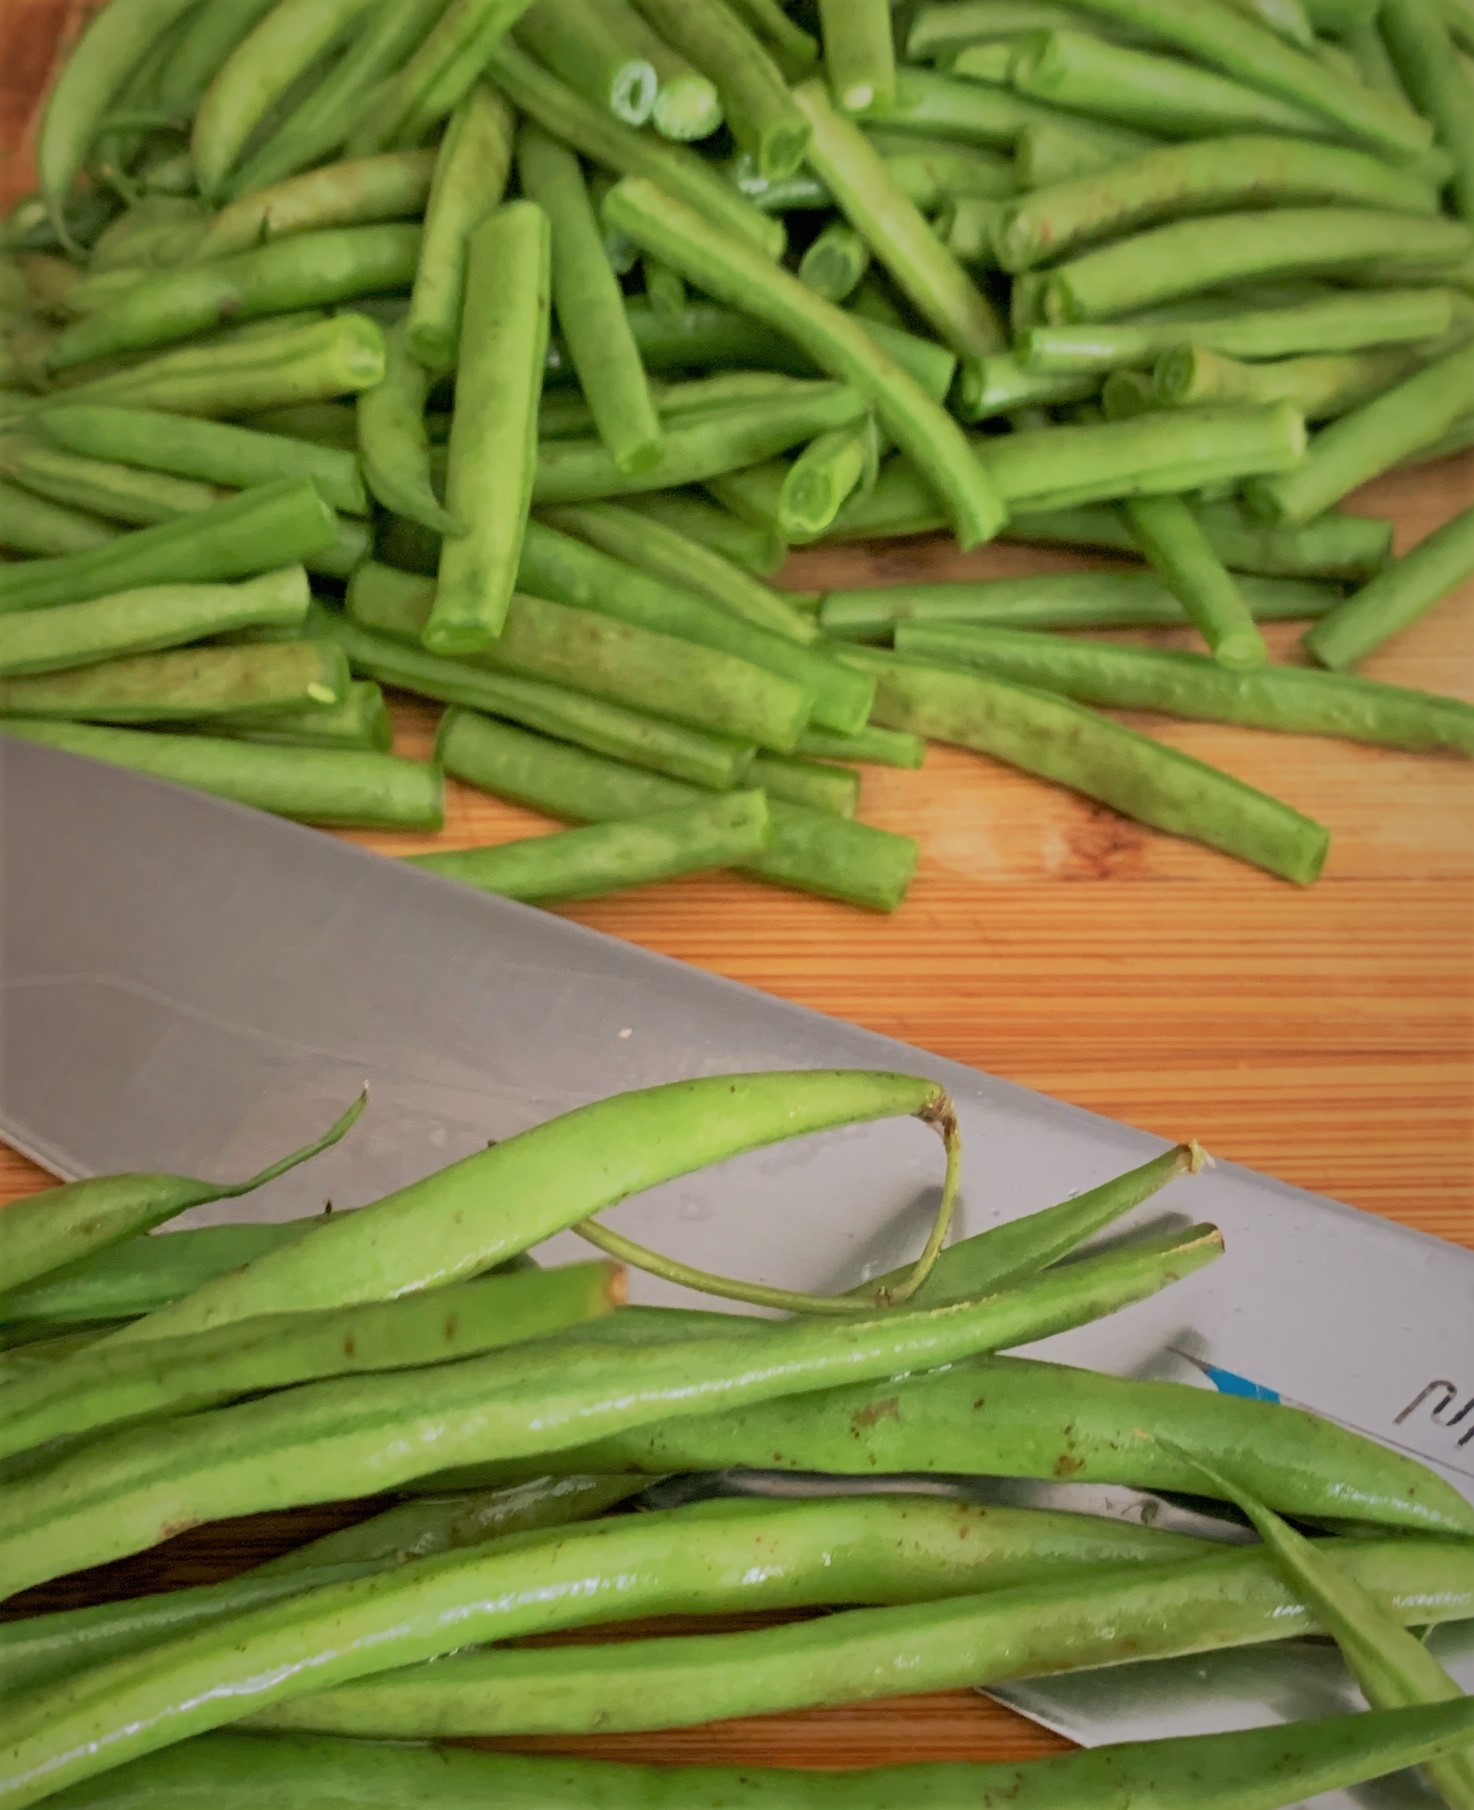 Our cut green beans